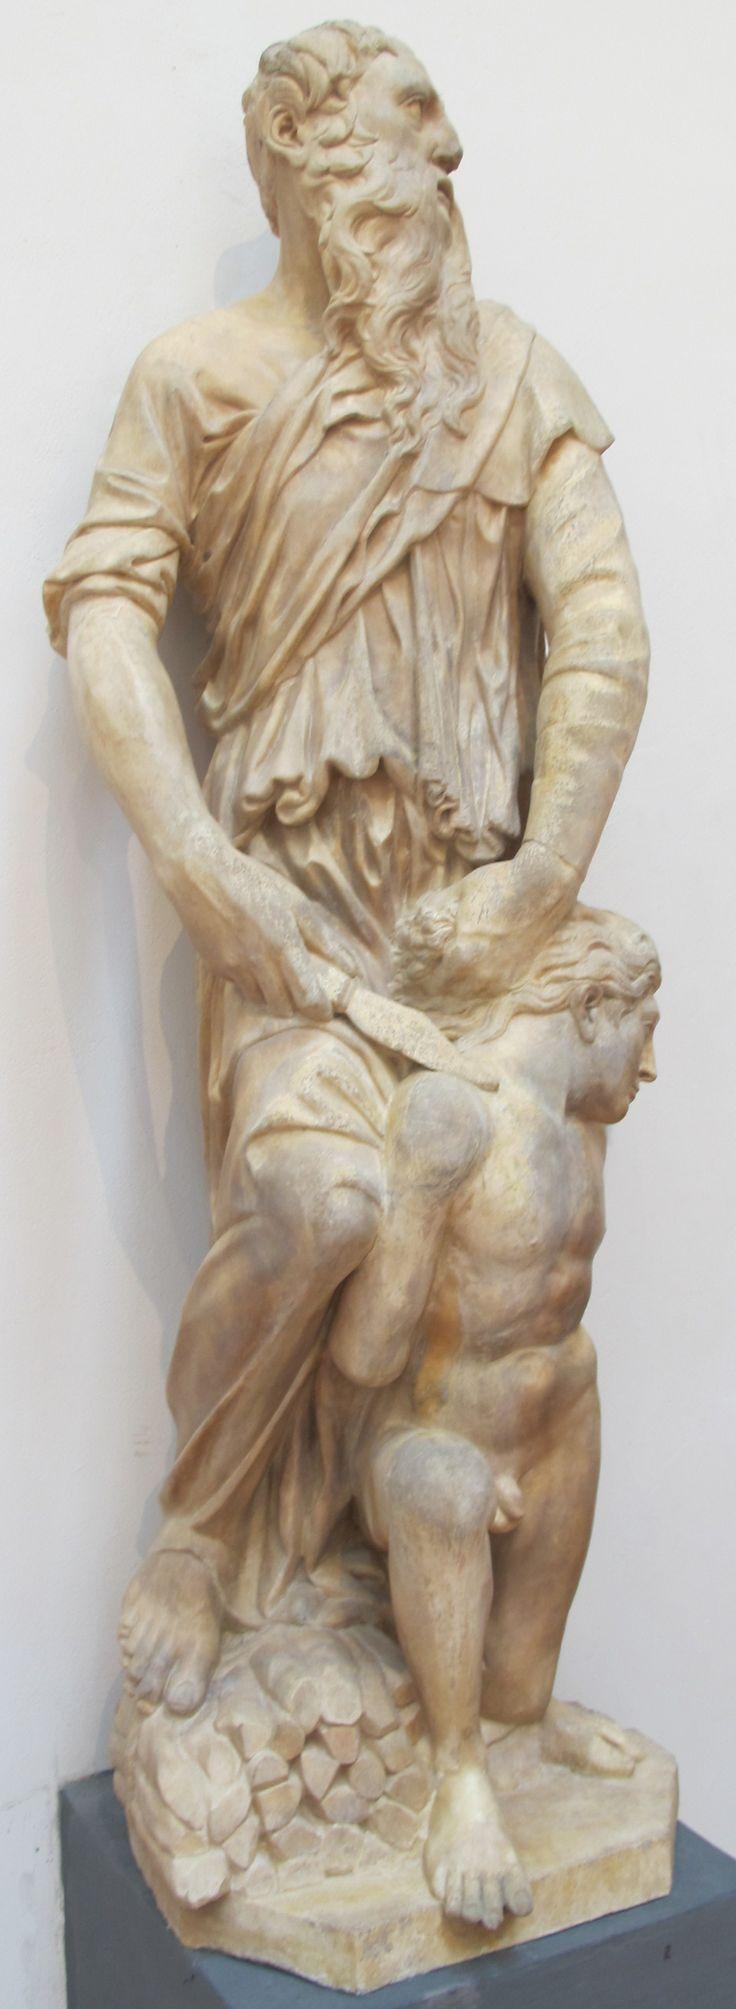 DONATELLO (1386-1466) EN SACRIFICIO DE ISAAC, en bulto redondo (1421), DEMUESTRA los cambios que habían tenido lugar en esos primeros años de siglo.  Donatello había sido discípulo de Ghiberti, pero se despegó de su estilo y encontró más afinidad en el de Brunelleschi, transformando como él la búsqueda de citas clásicas en el estudio de las reglas clásicas de composición y expresión